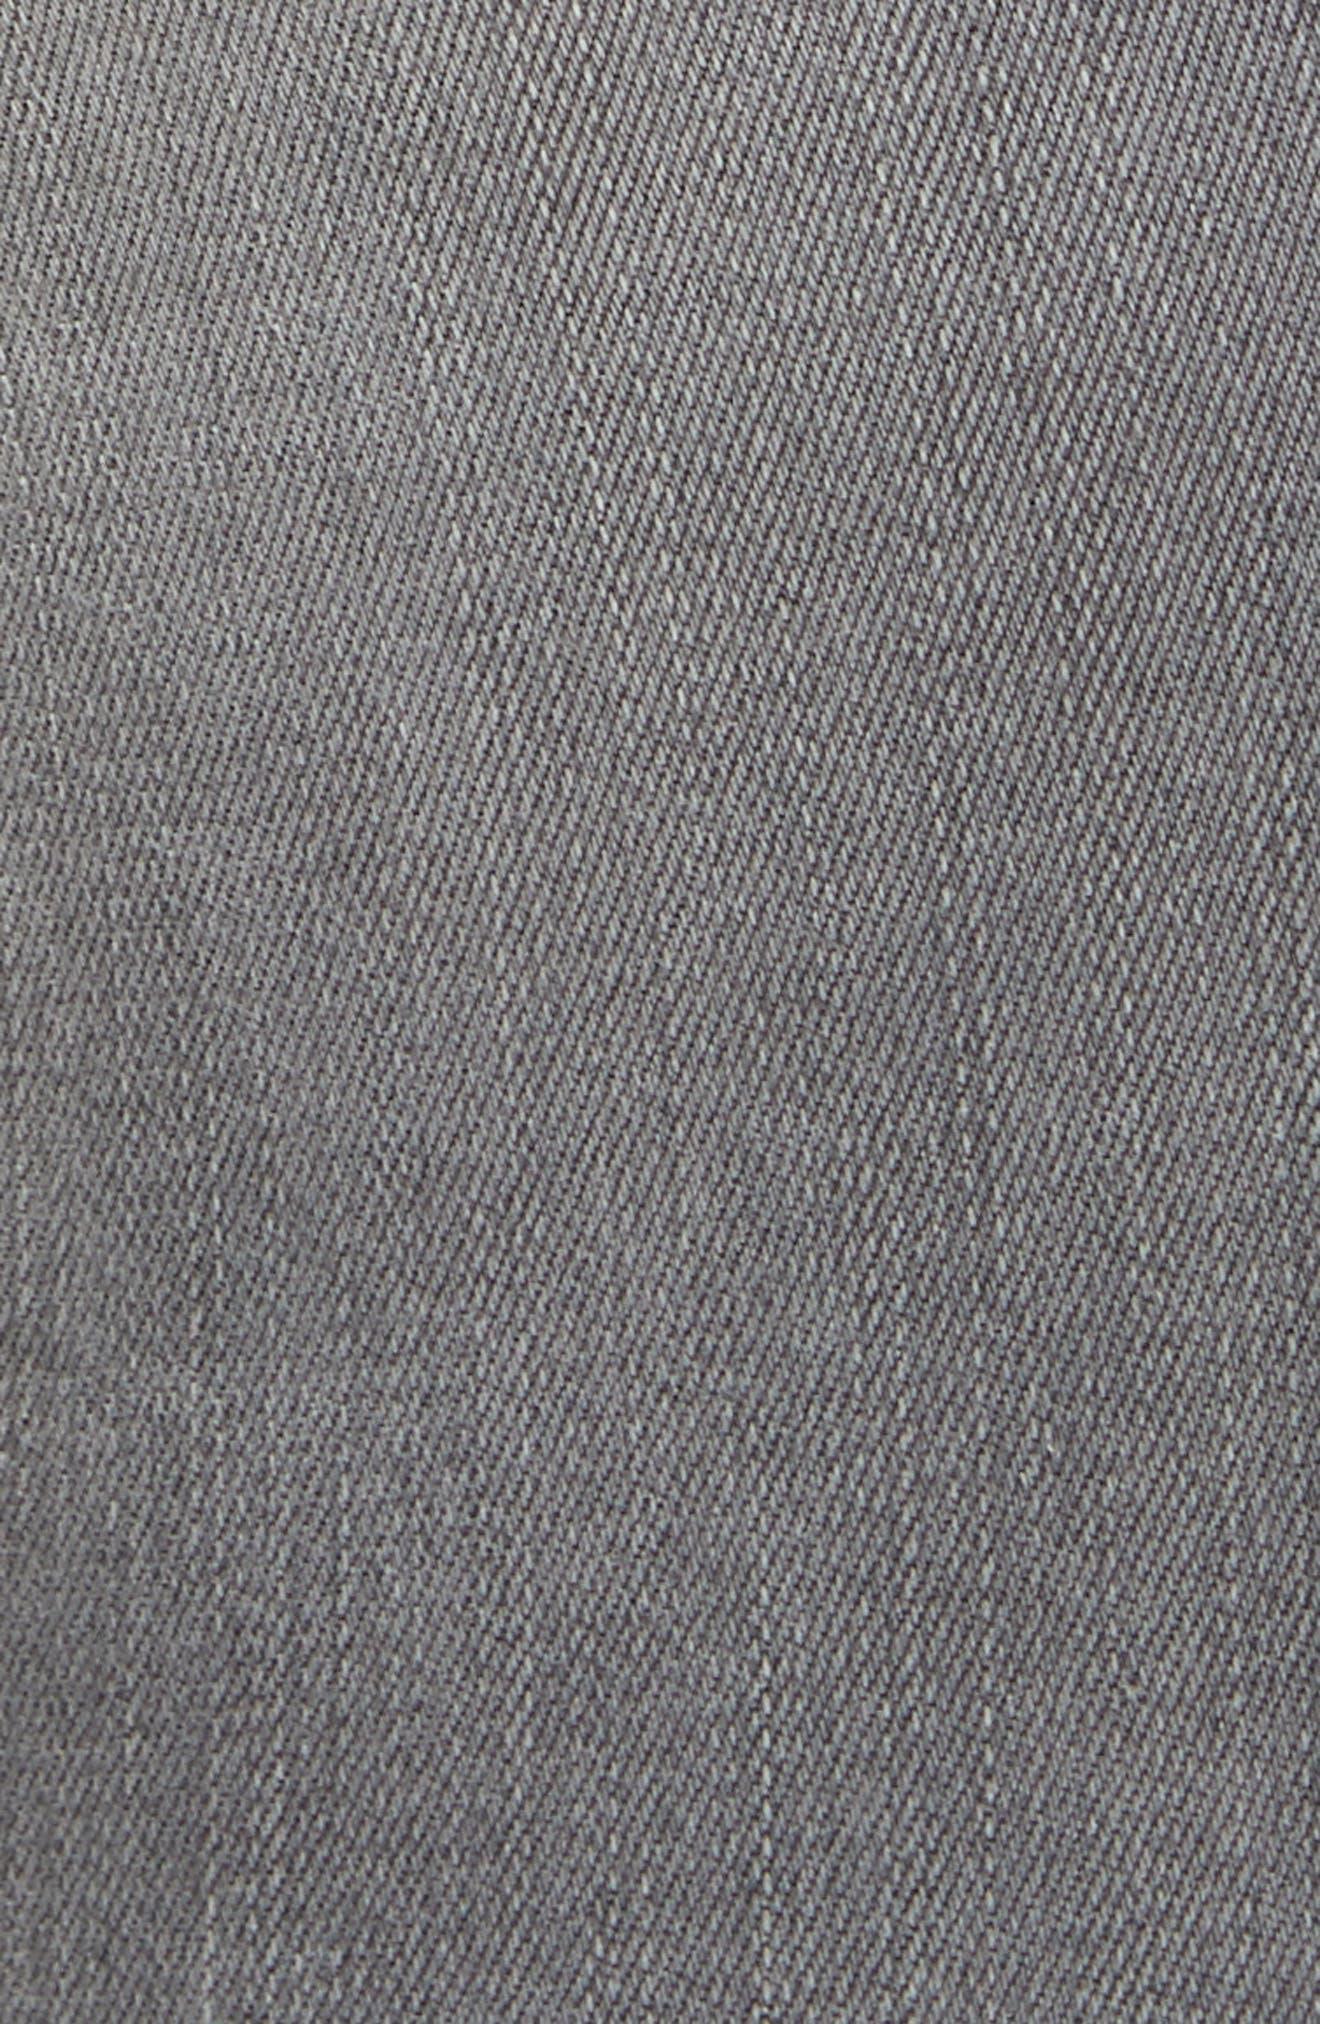 Le High Velvet Tuxedo Stripe Ankle Skinny Jeans,                             Alternate thumbnail 5, color,                             GRIMES